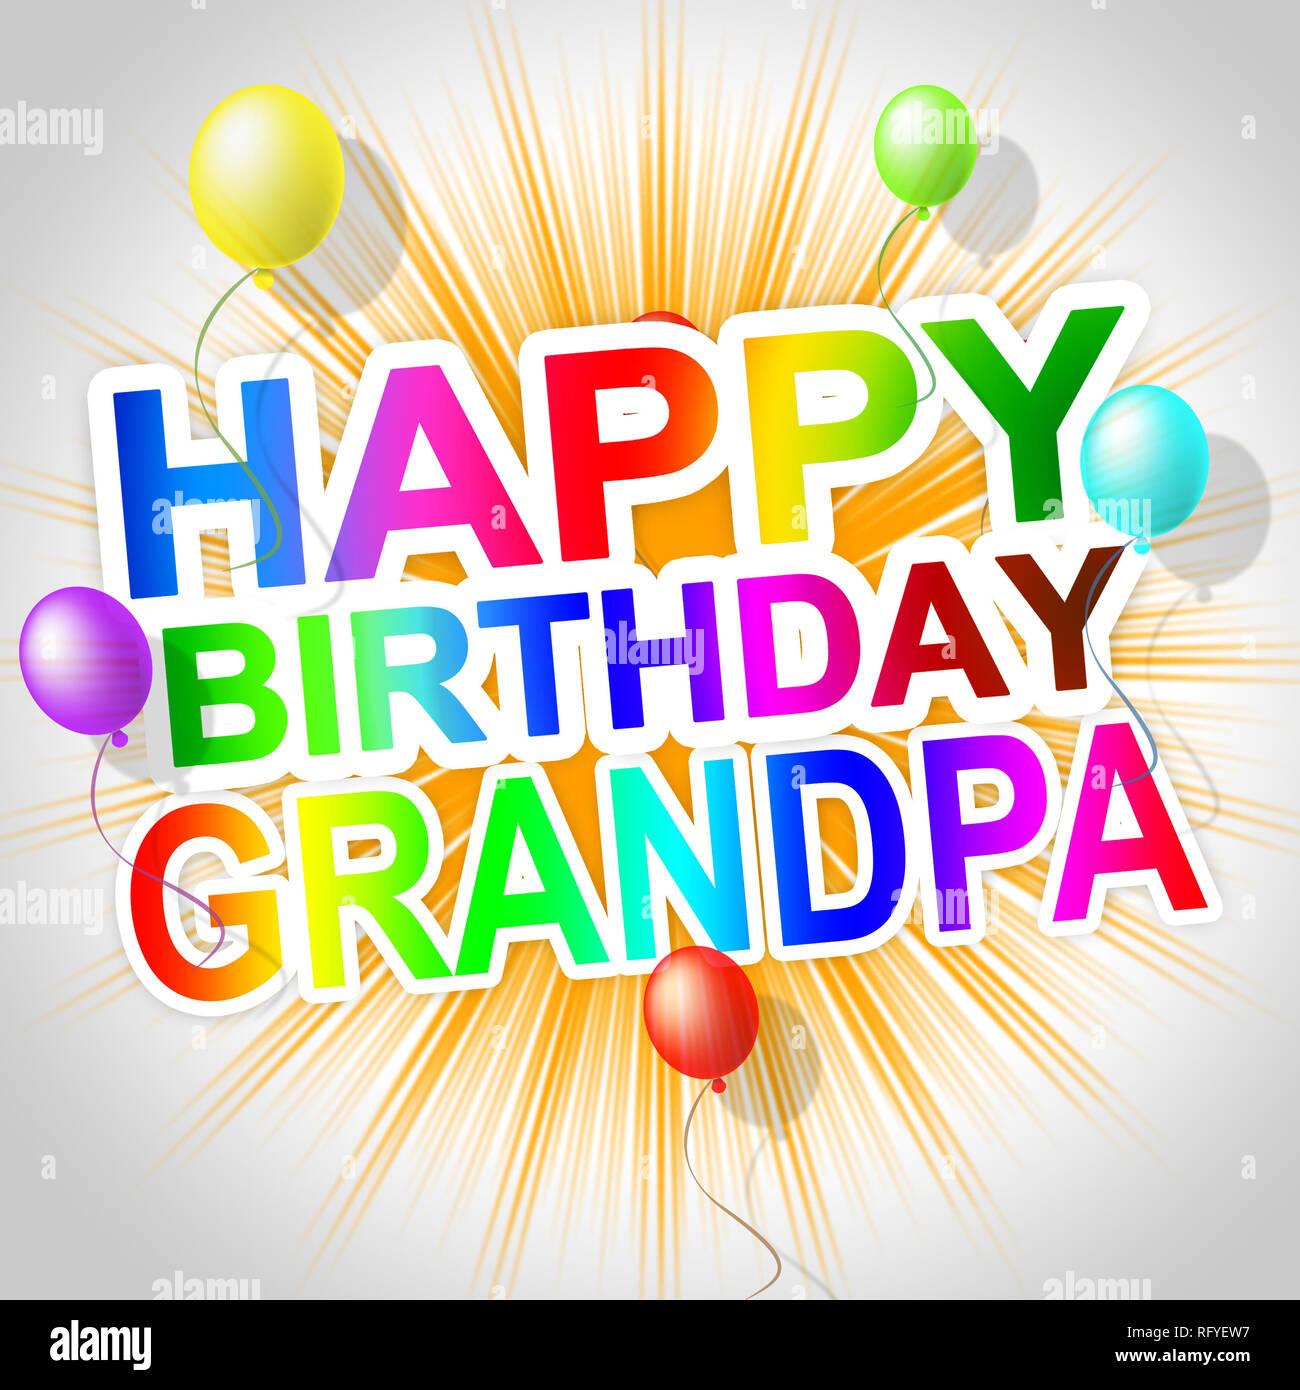 Wunderfamily Geschenkidee Fur Opa Zum Geburtstag Rentner Opi